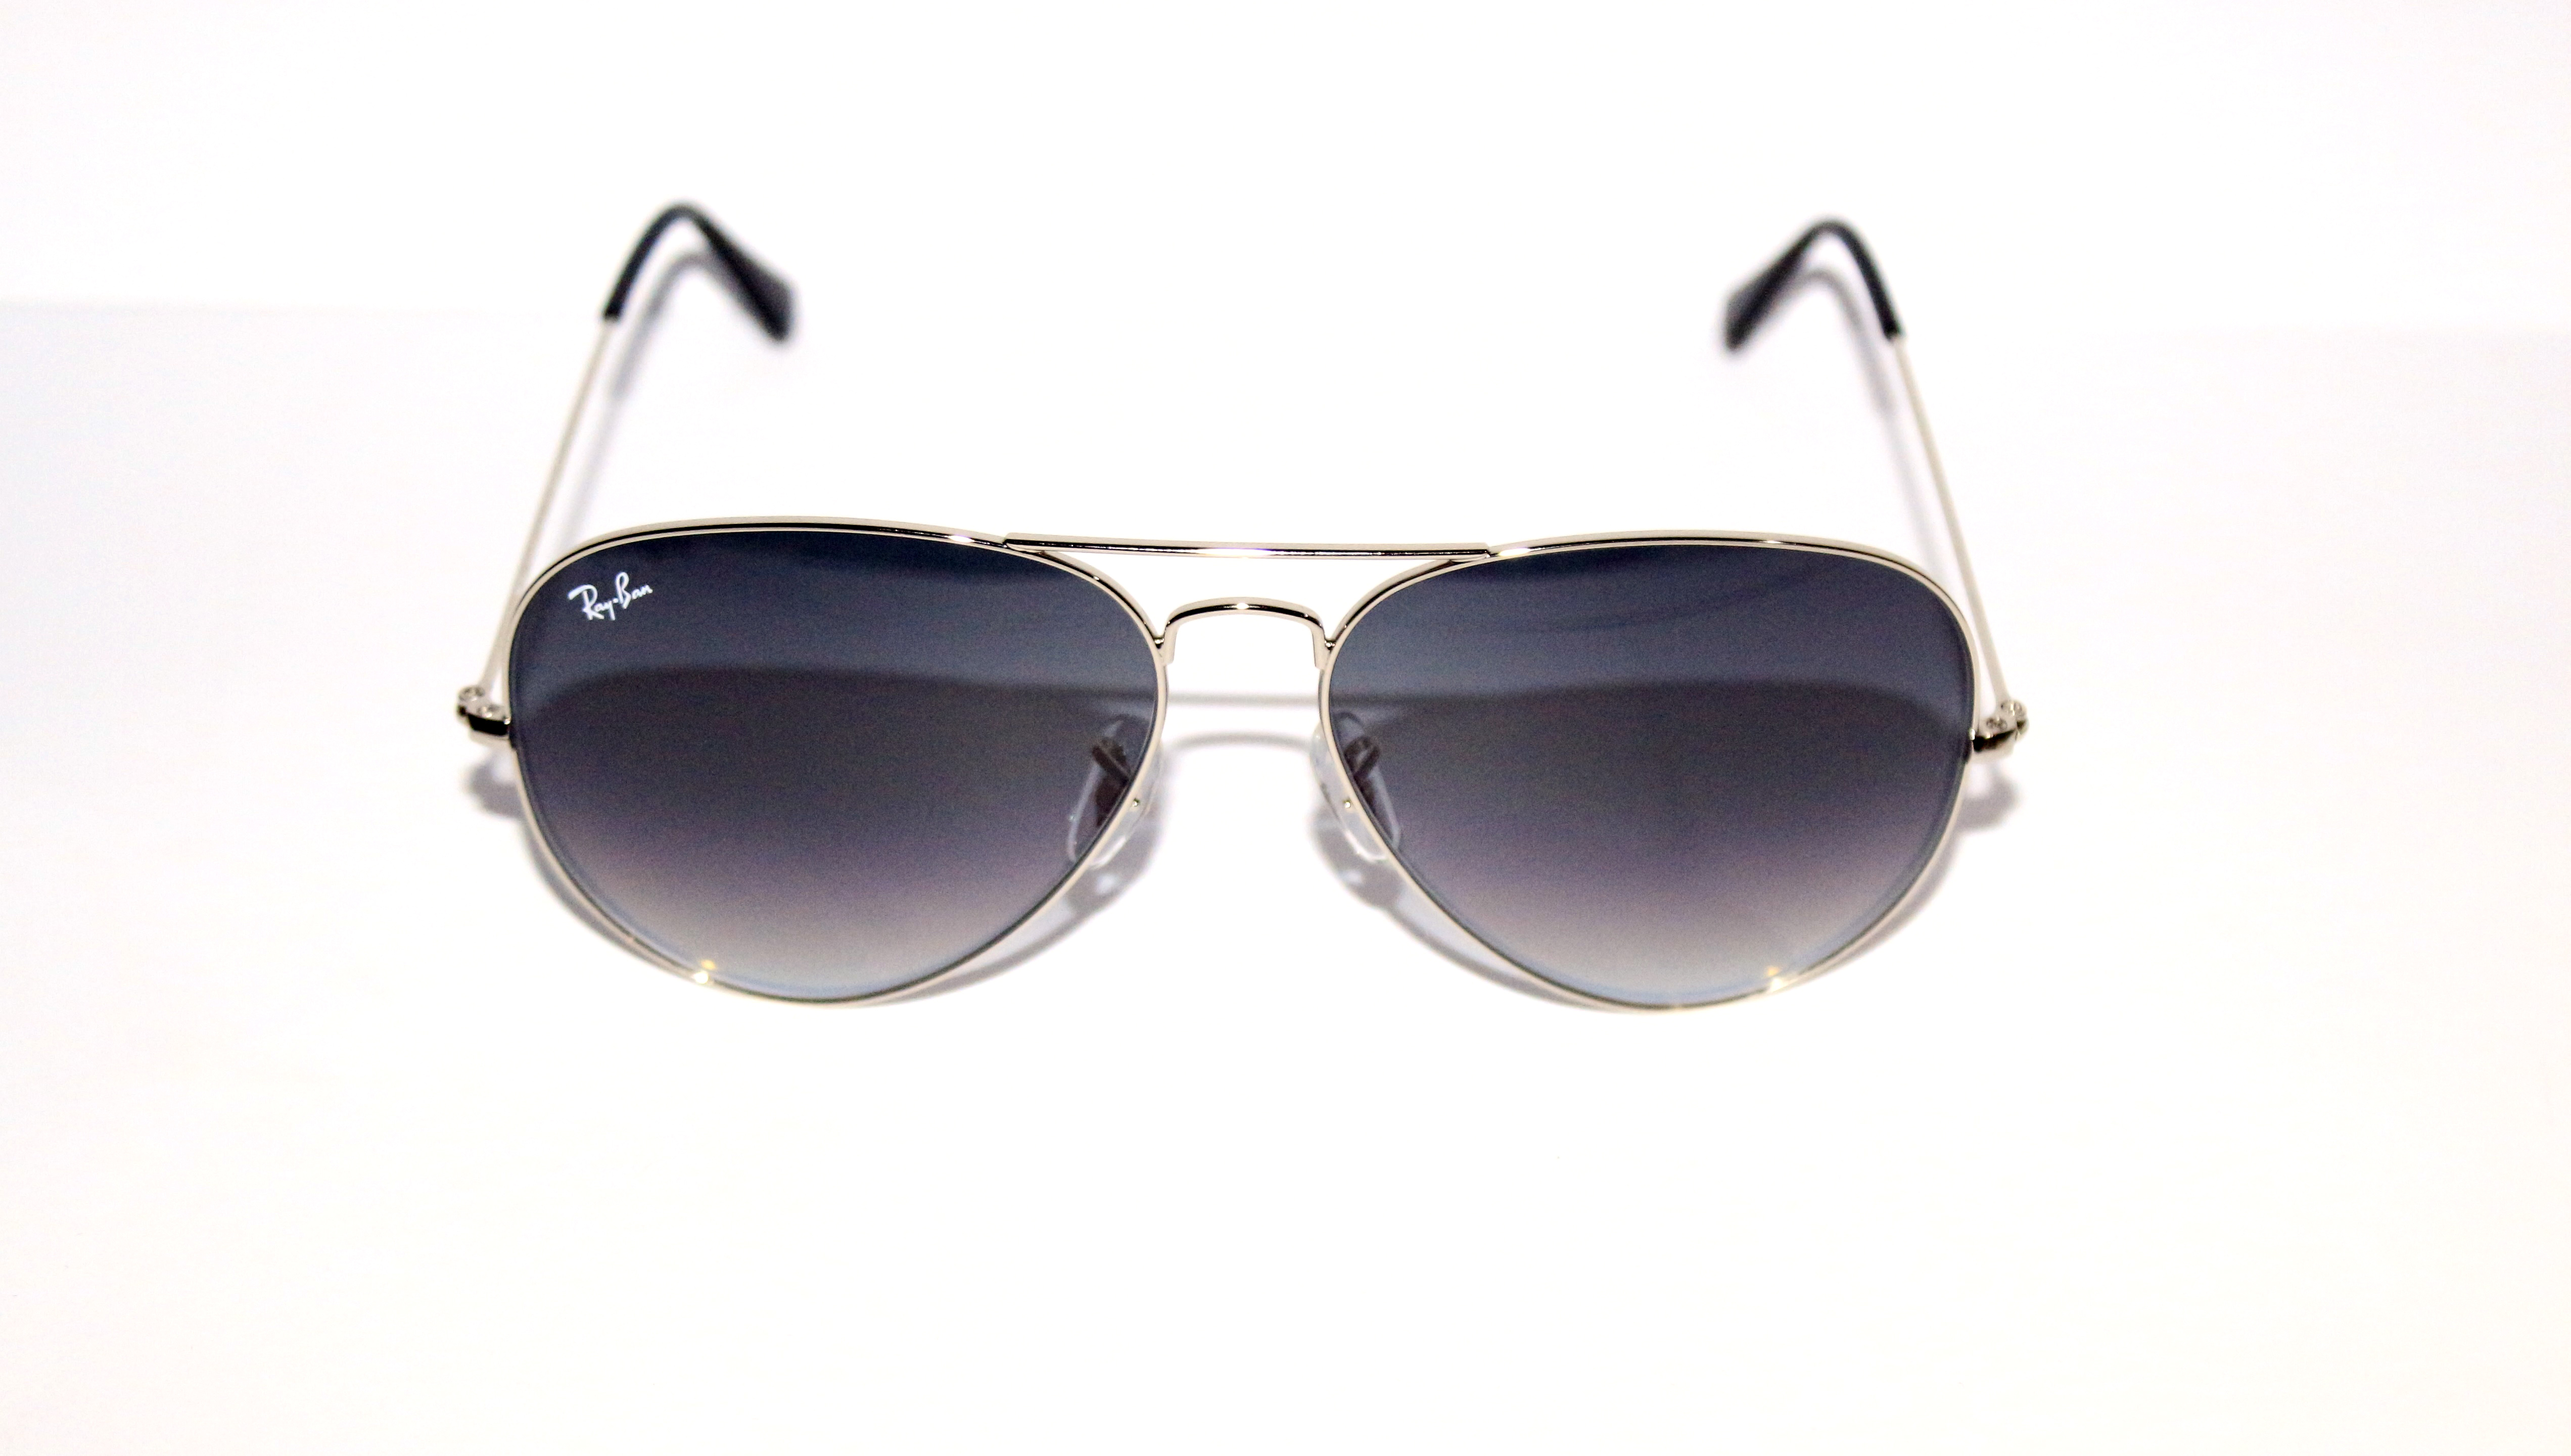 Купити хороші сонцезахисні окуляри Київ недорого - Оголошення - УкрБізнес 412c2a27867eb